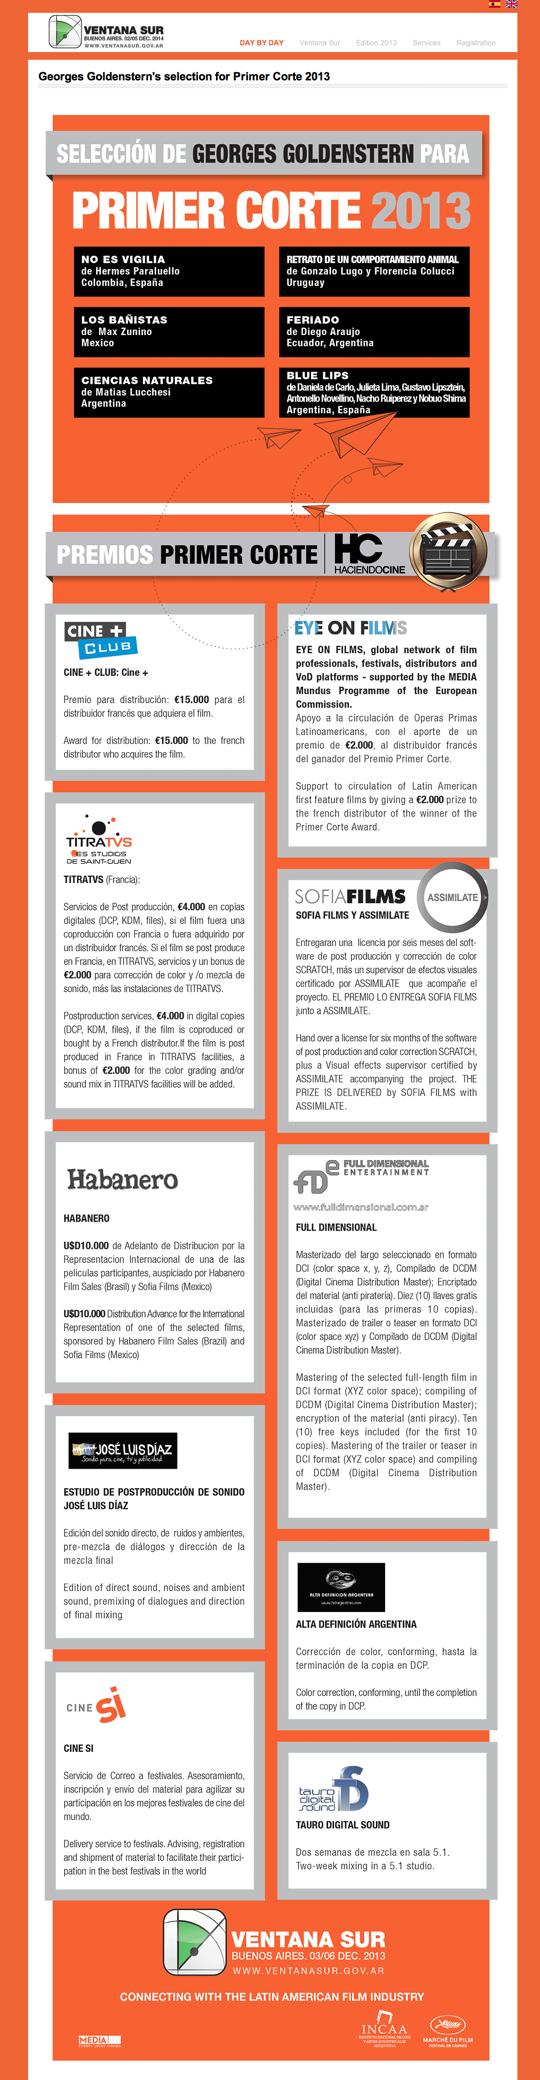 Primer Corte 2013 info